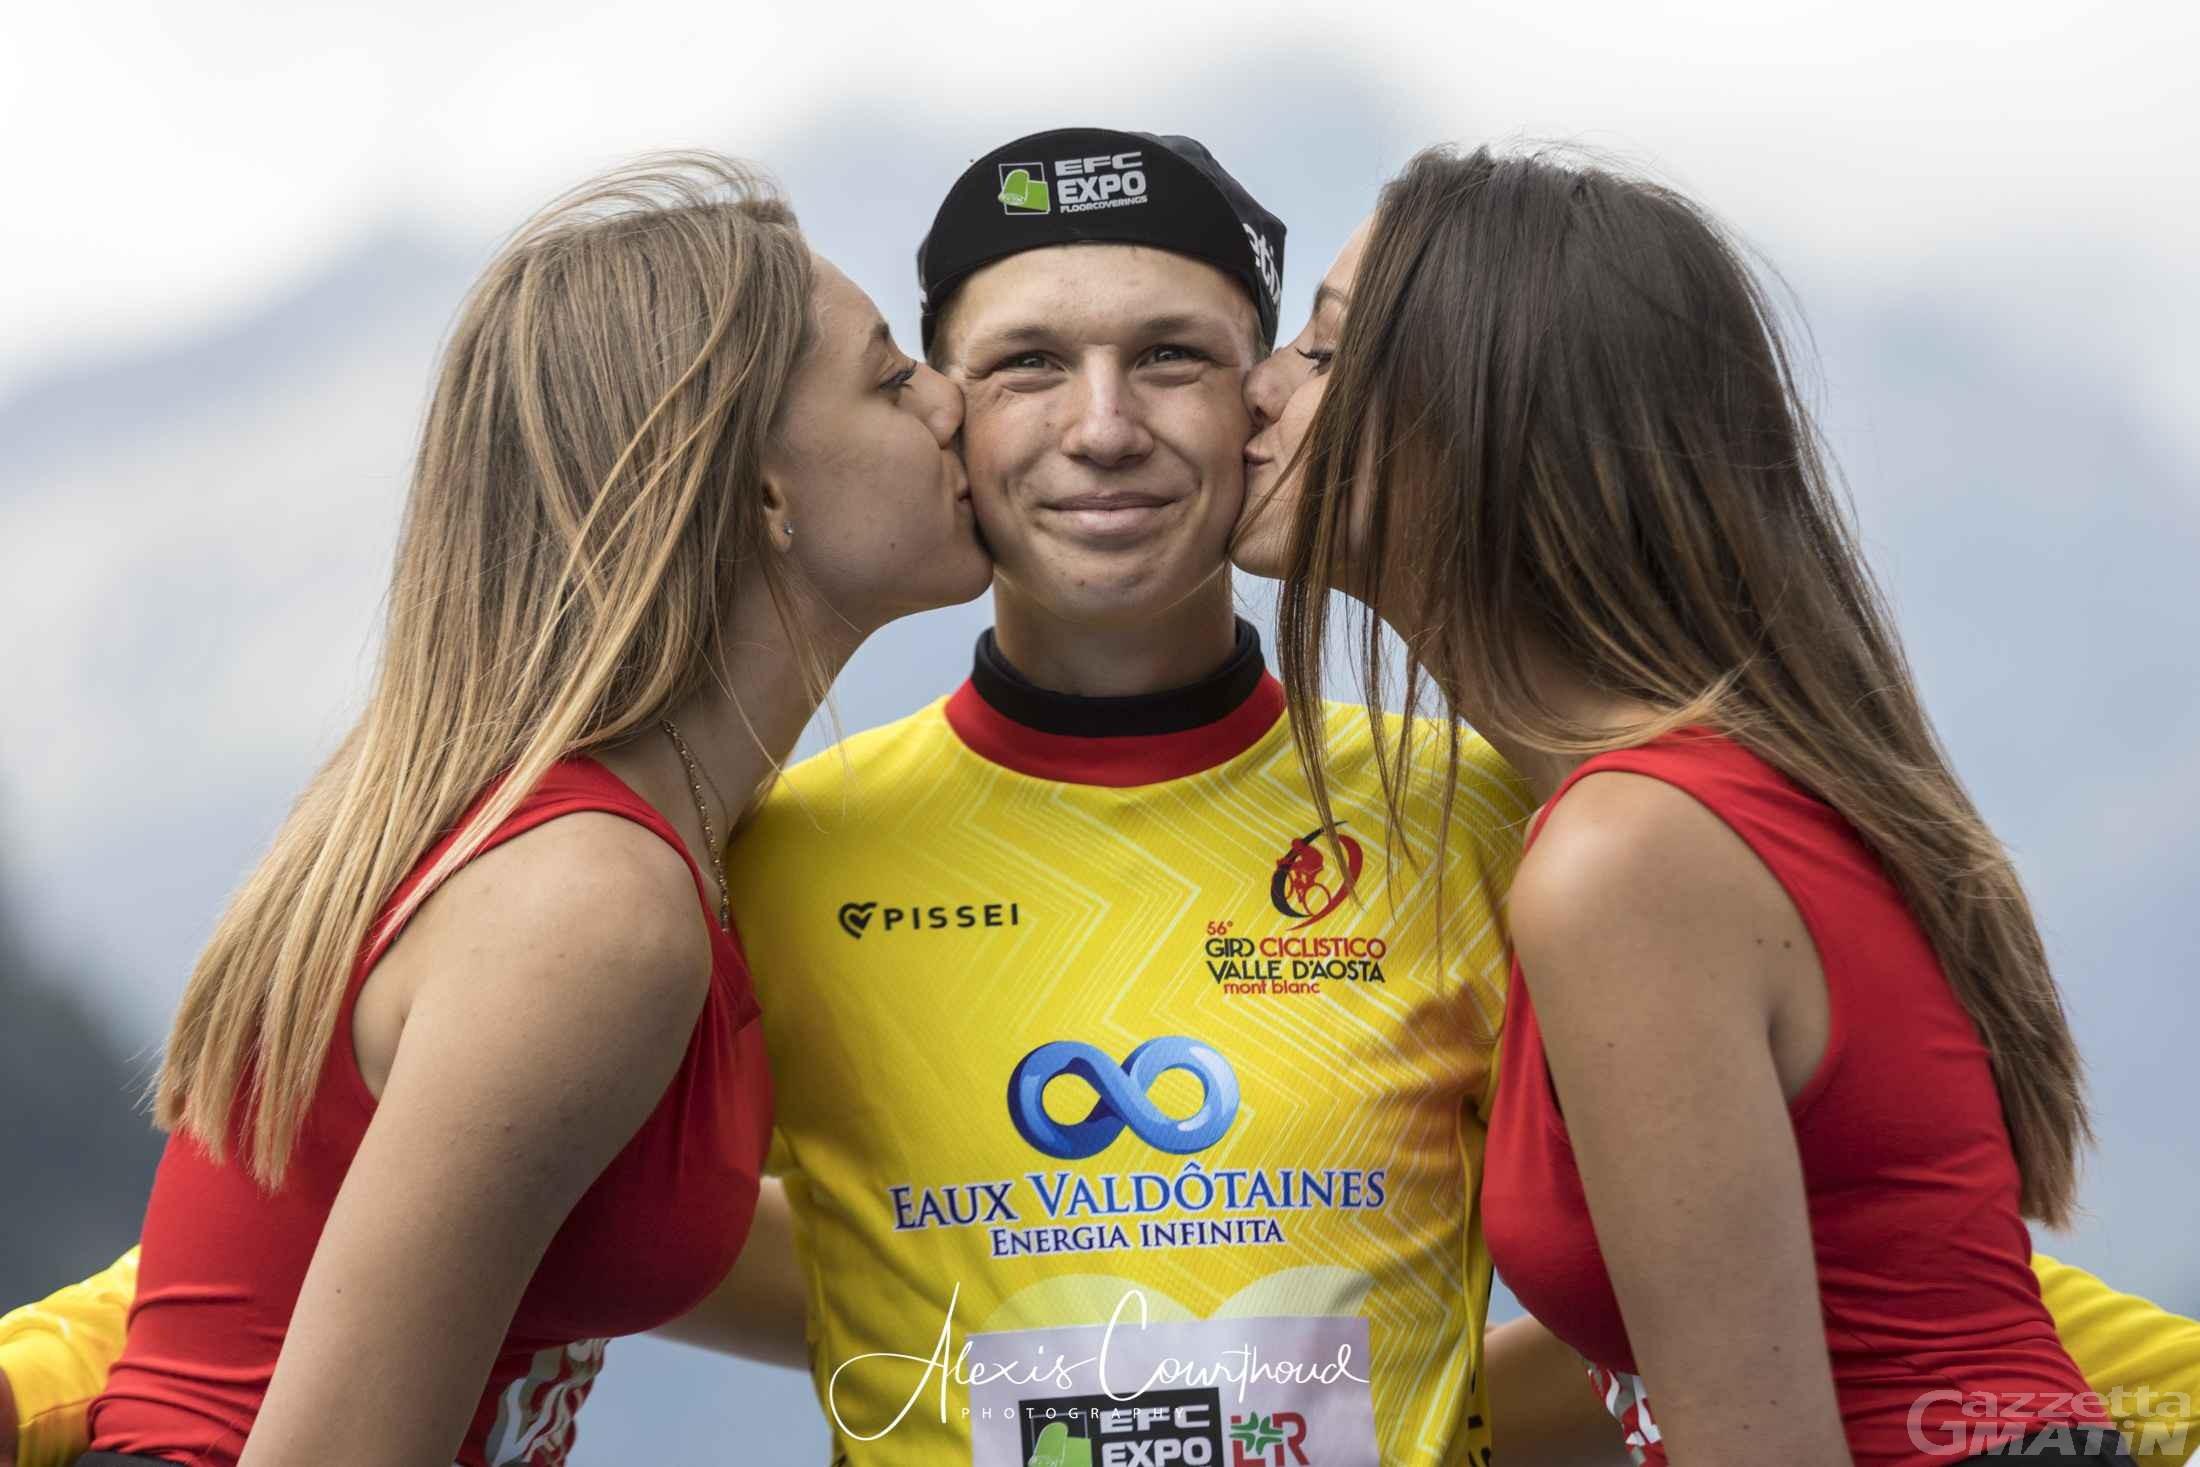 Giro della Valle: Lopez Perez vince a Champex Lac